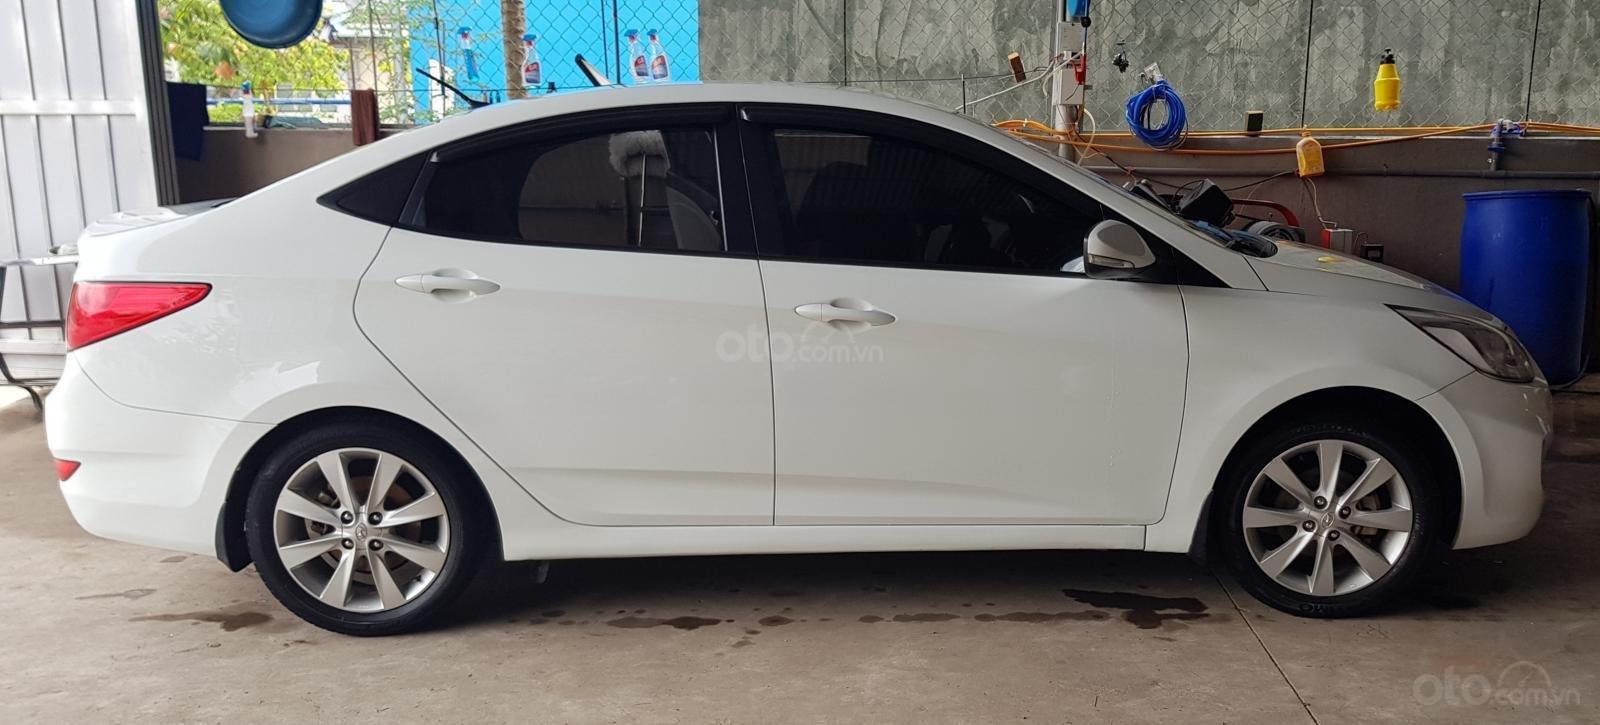 Bán Hyundai Accent 1.4 MT số sàn, đăng ký 2015, màu trắng xe nhập, 410triệu (3)